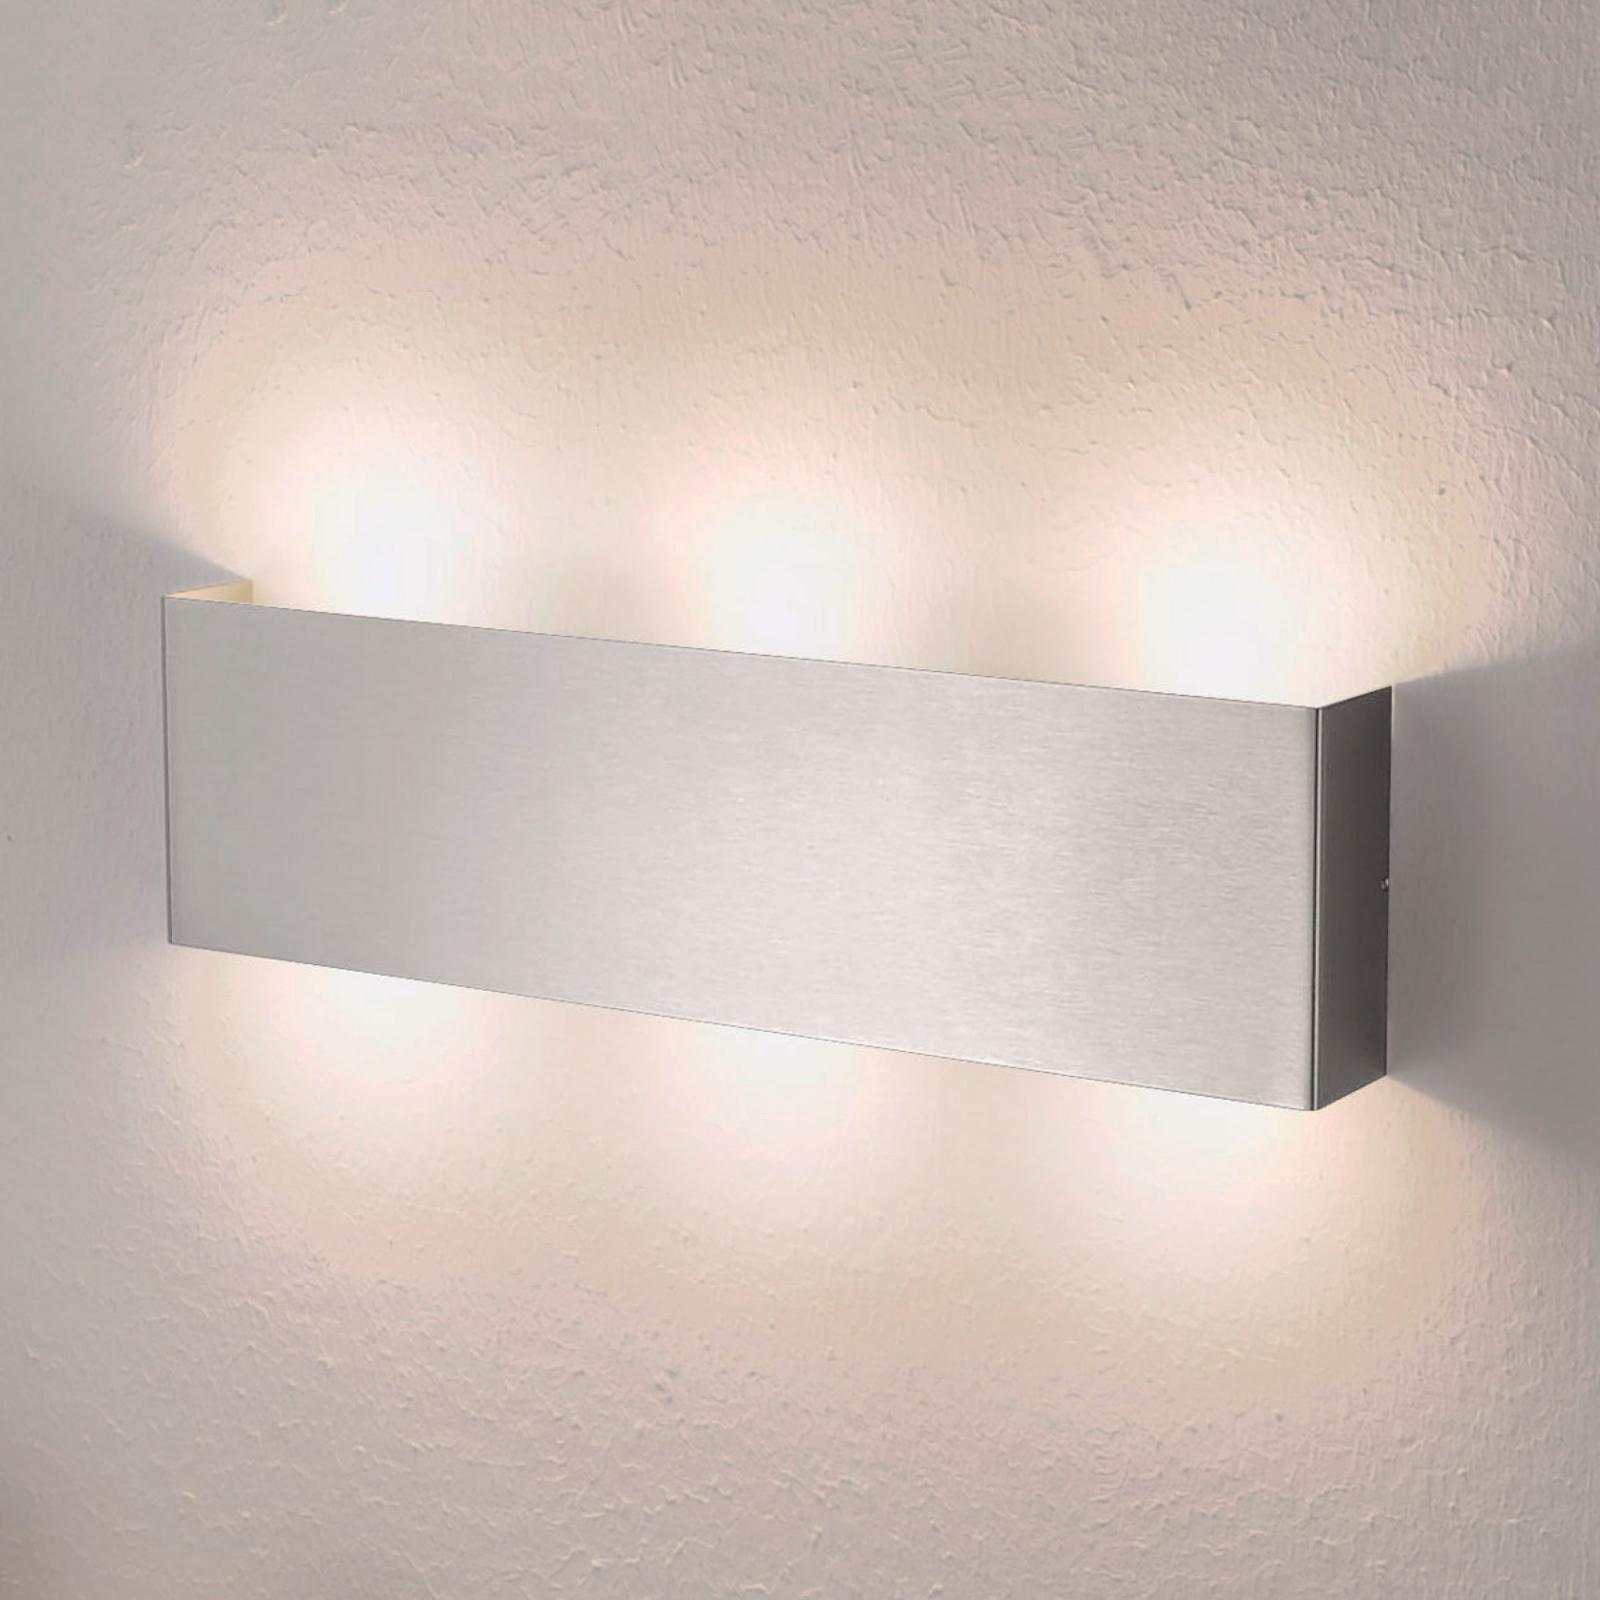 Suorakulmainen LED-seinävalaisin Maja 38 cm